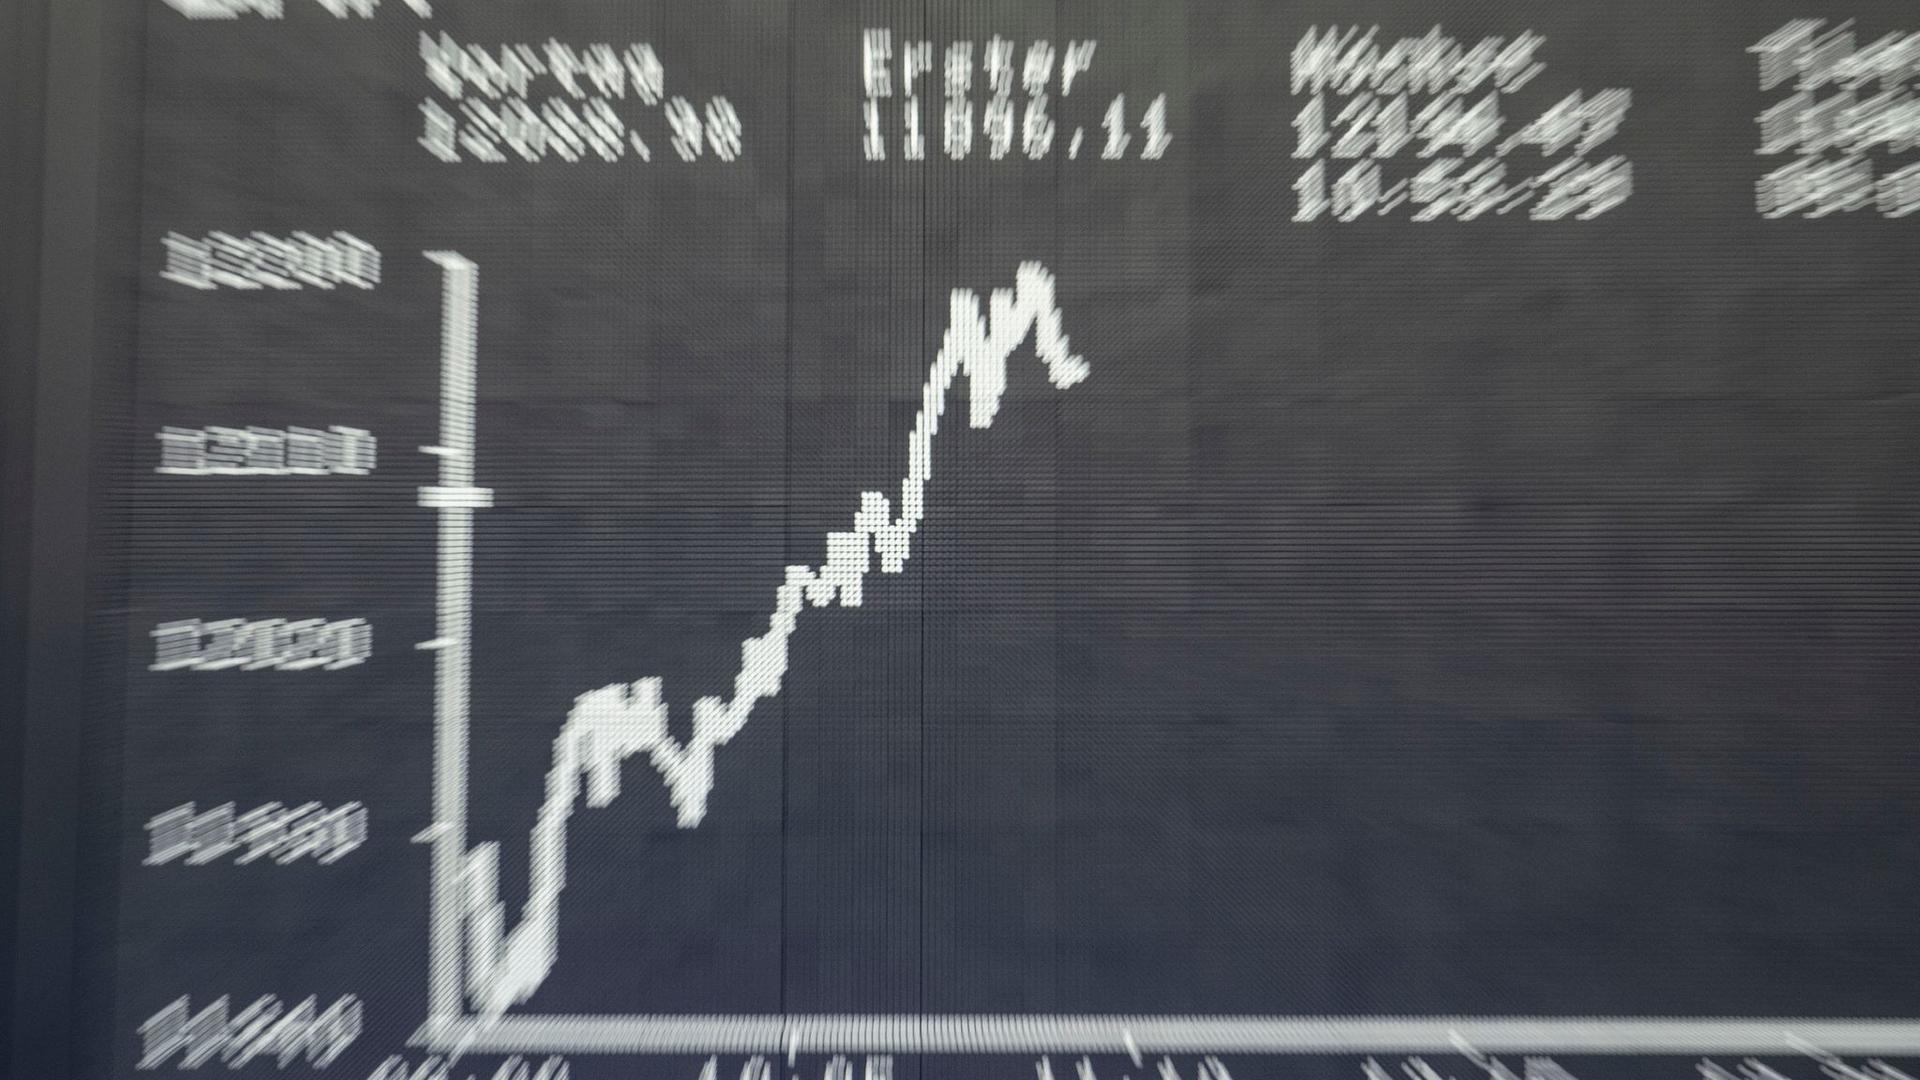 Die Dax-Kurve im Handelssaal der Frankfurter Börse auf der großen Tafel.